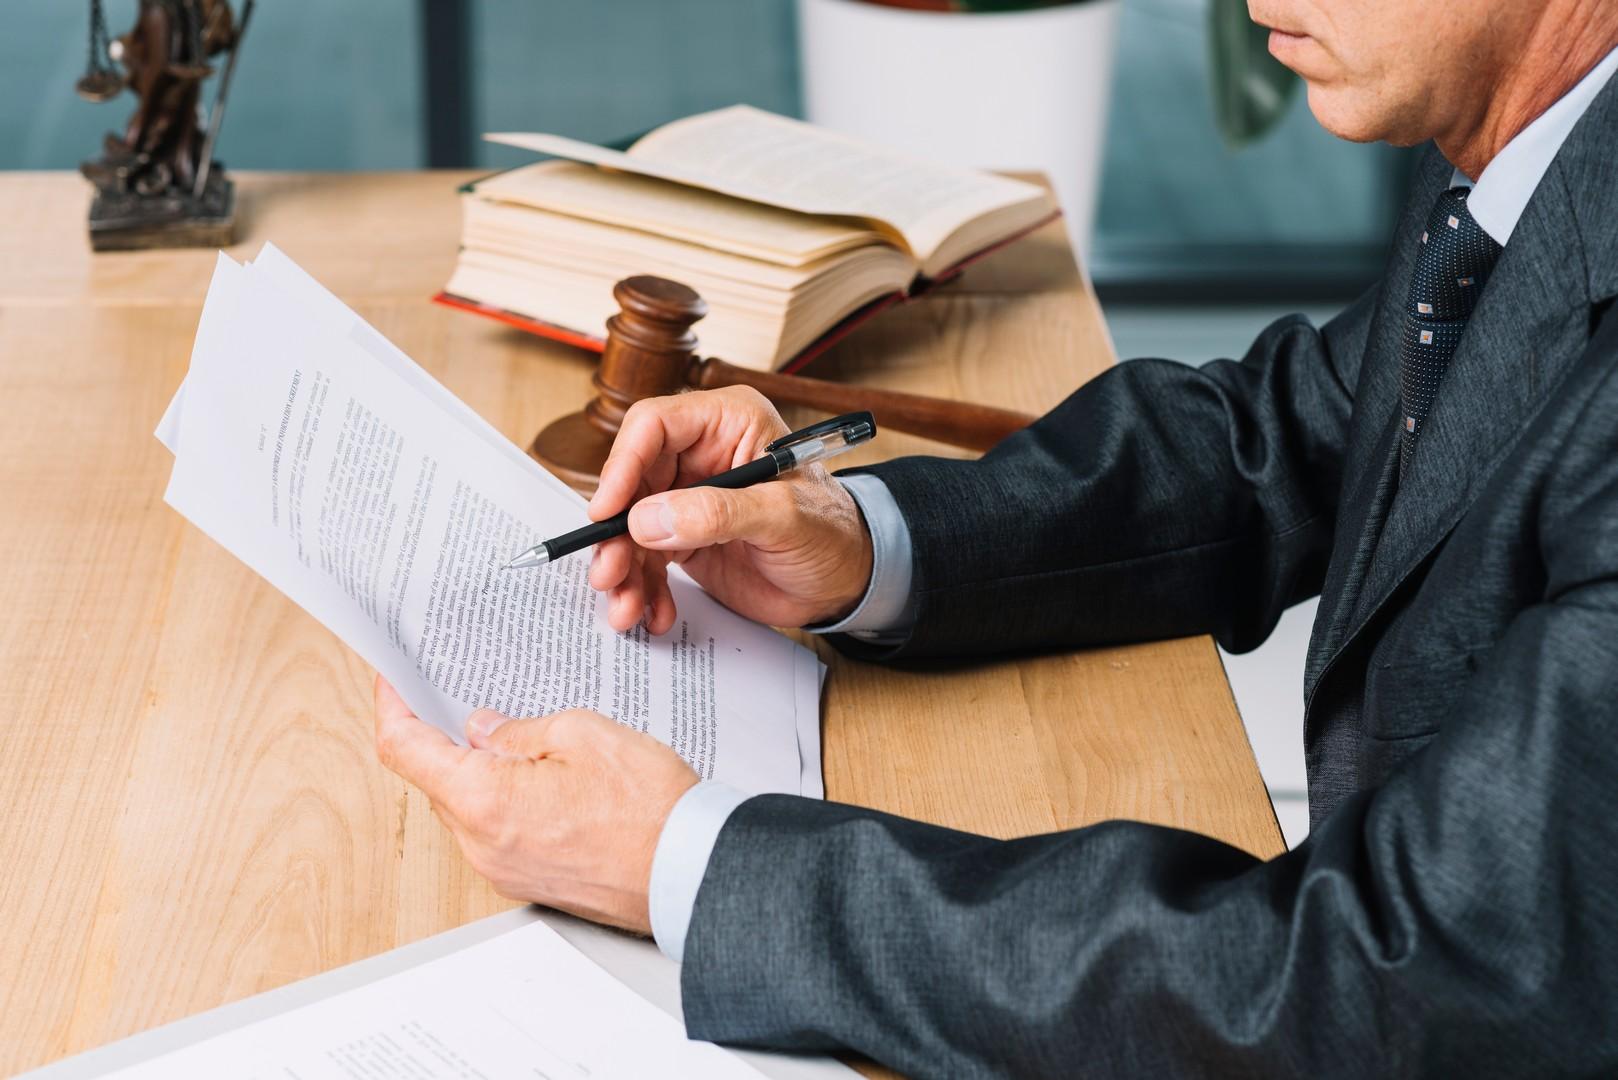 Раздел имущества после развода: грамотные советы юриста